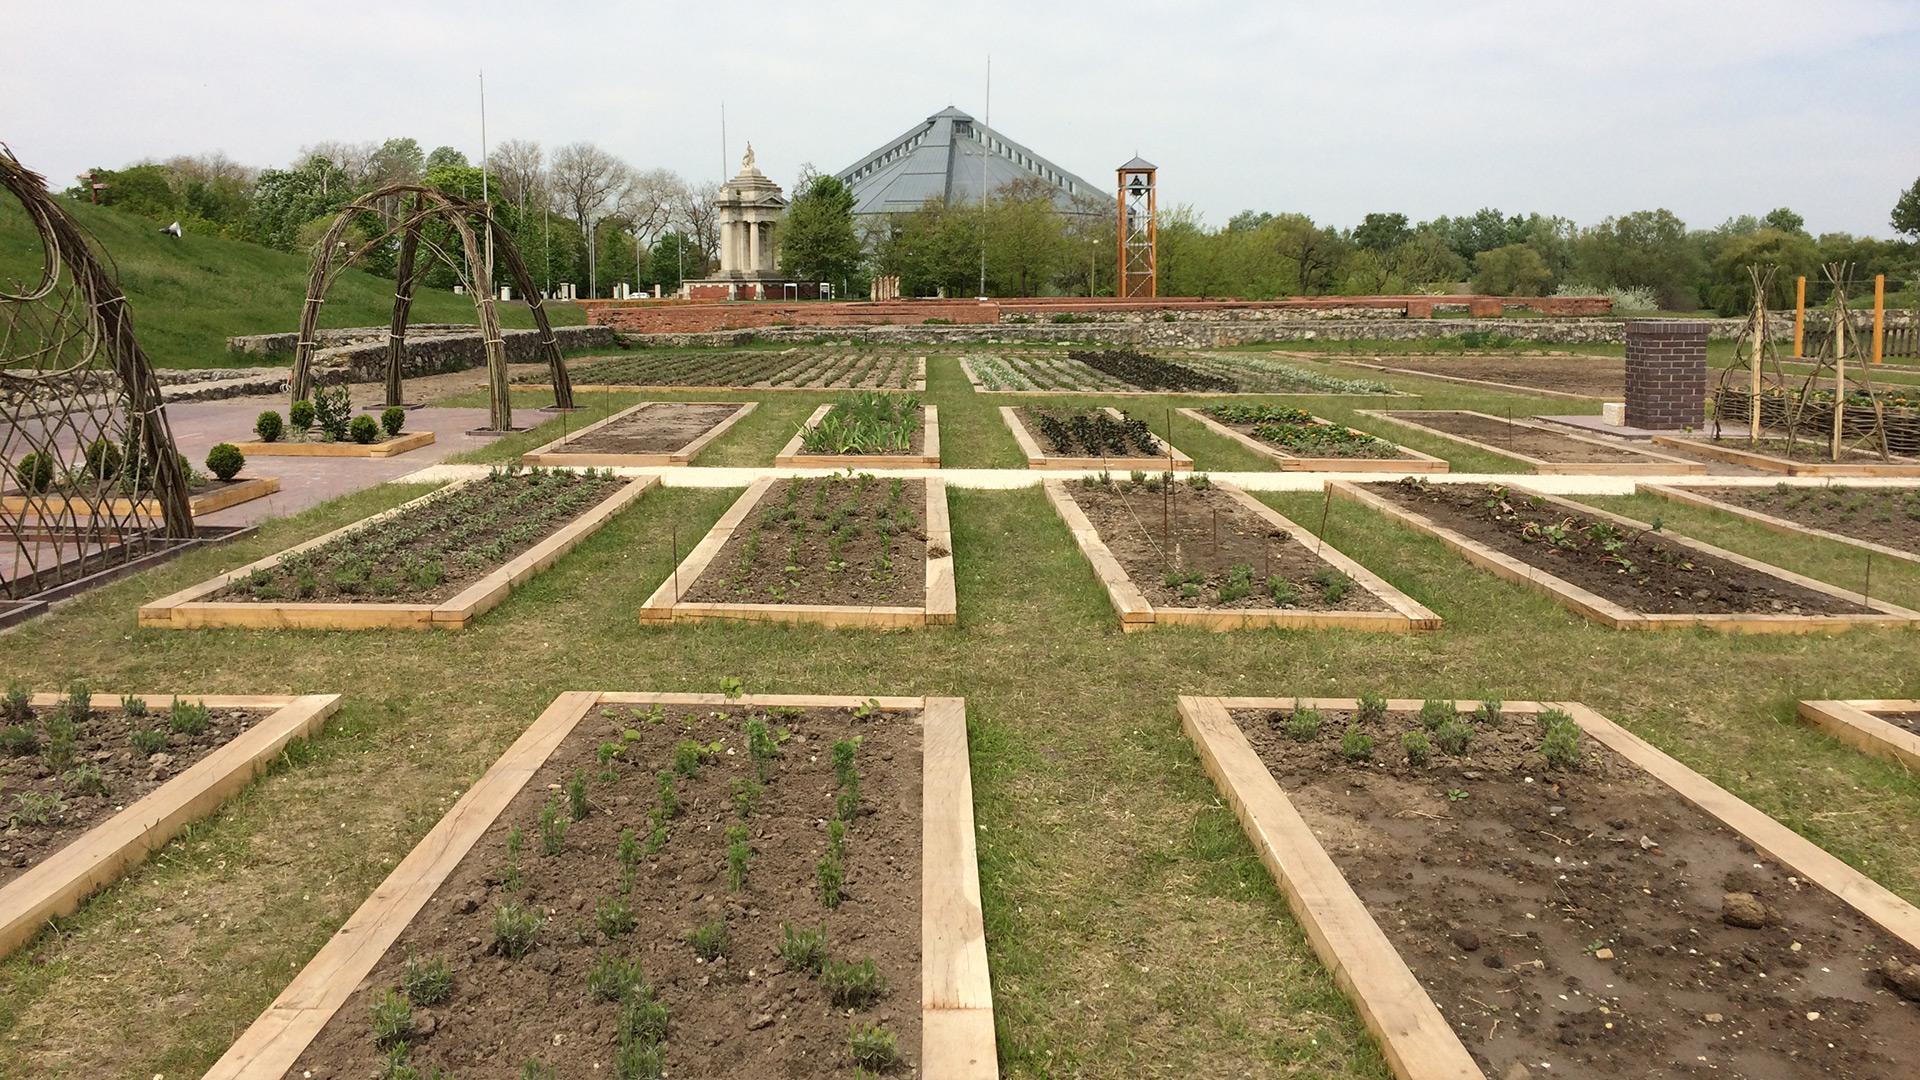 Bilde av urtehagen. Etter hvert skal 10 000 planter spire og gro her sammen med frukttrær og rosebusker som vil danne yttergrensene til hagen. Foto: Desiré Hopen Standal, Riksantikvaren